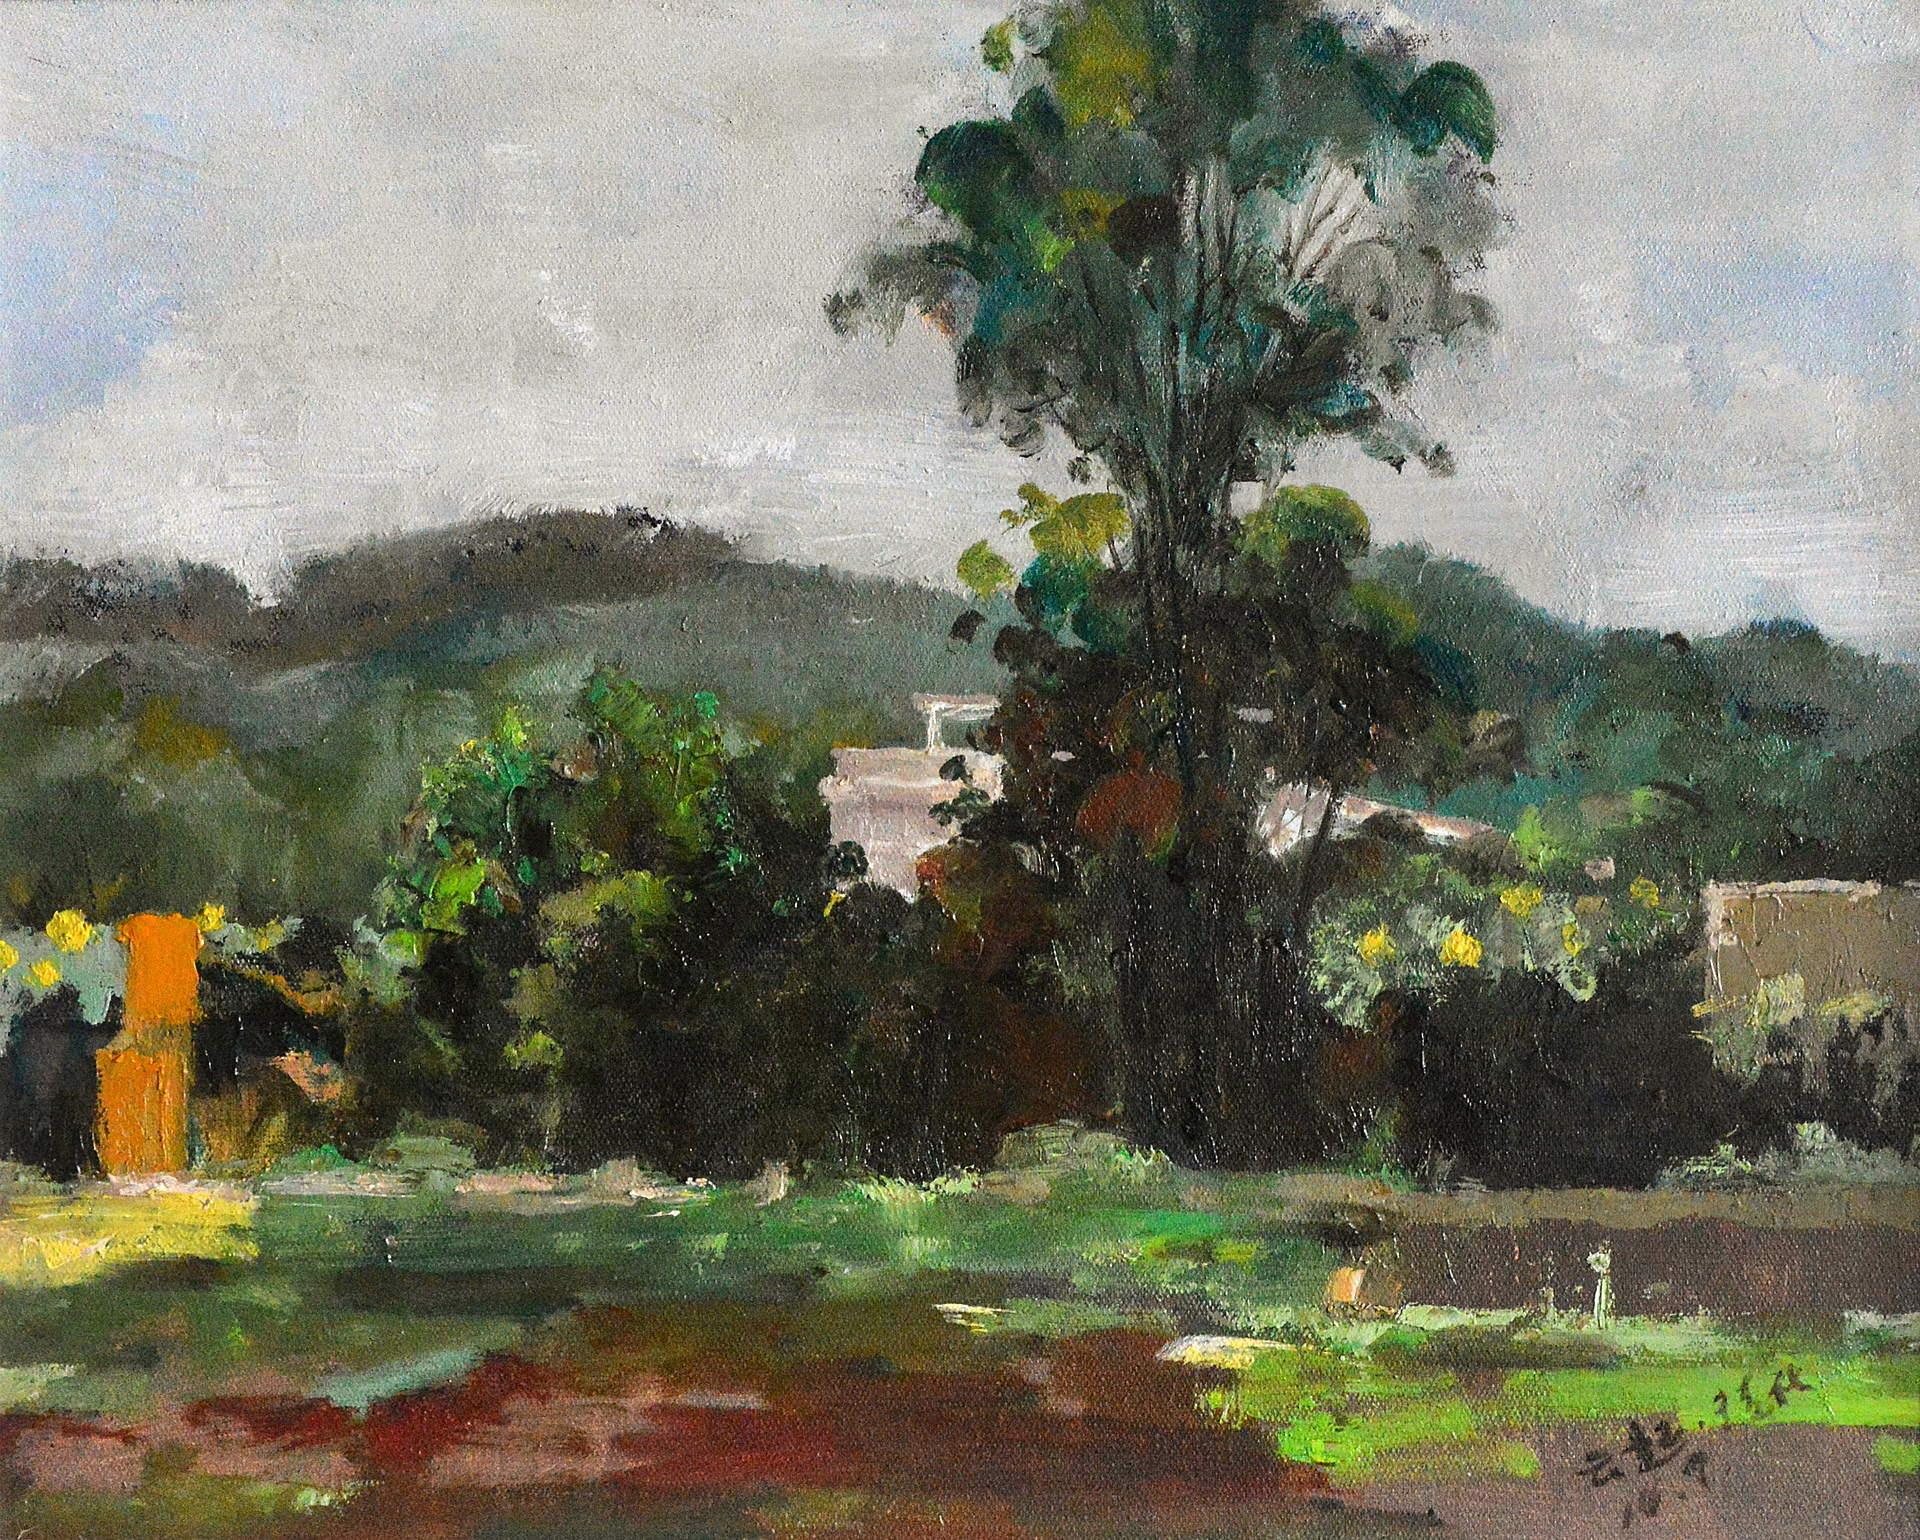 《风景写生》30x40cm 油彩 亚麻布 2010年